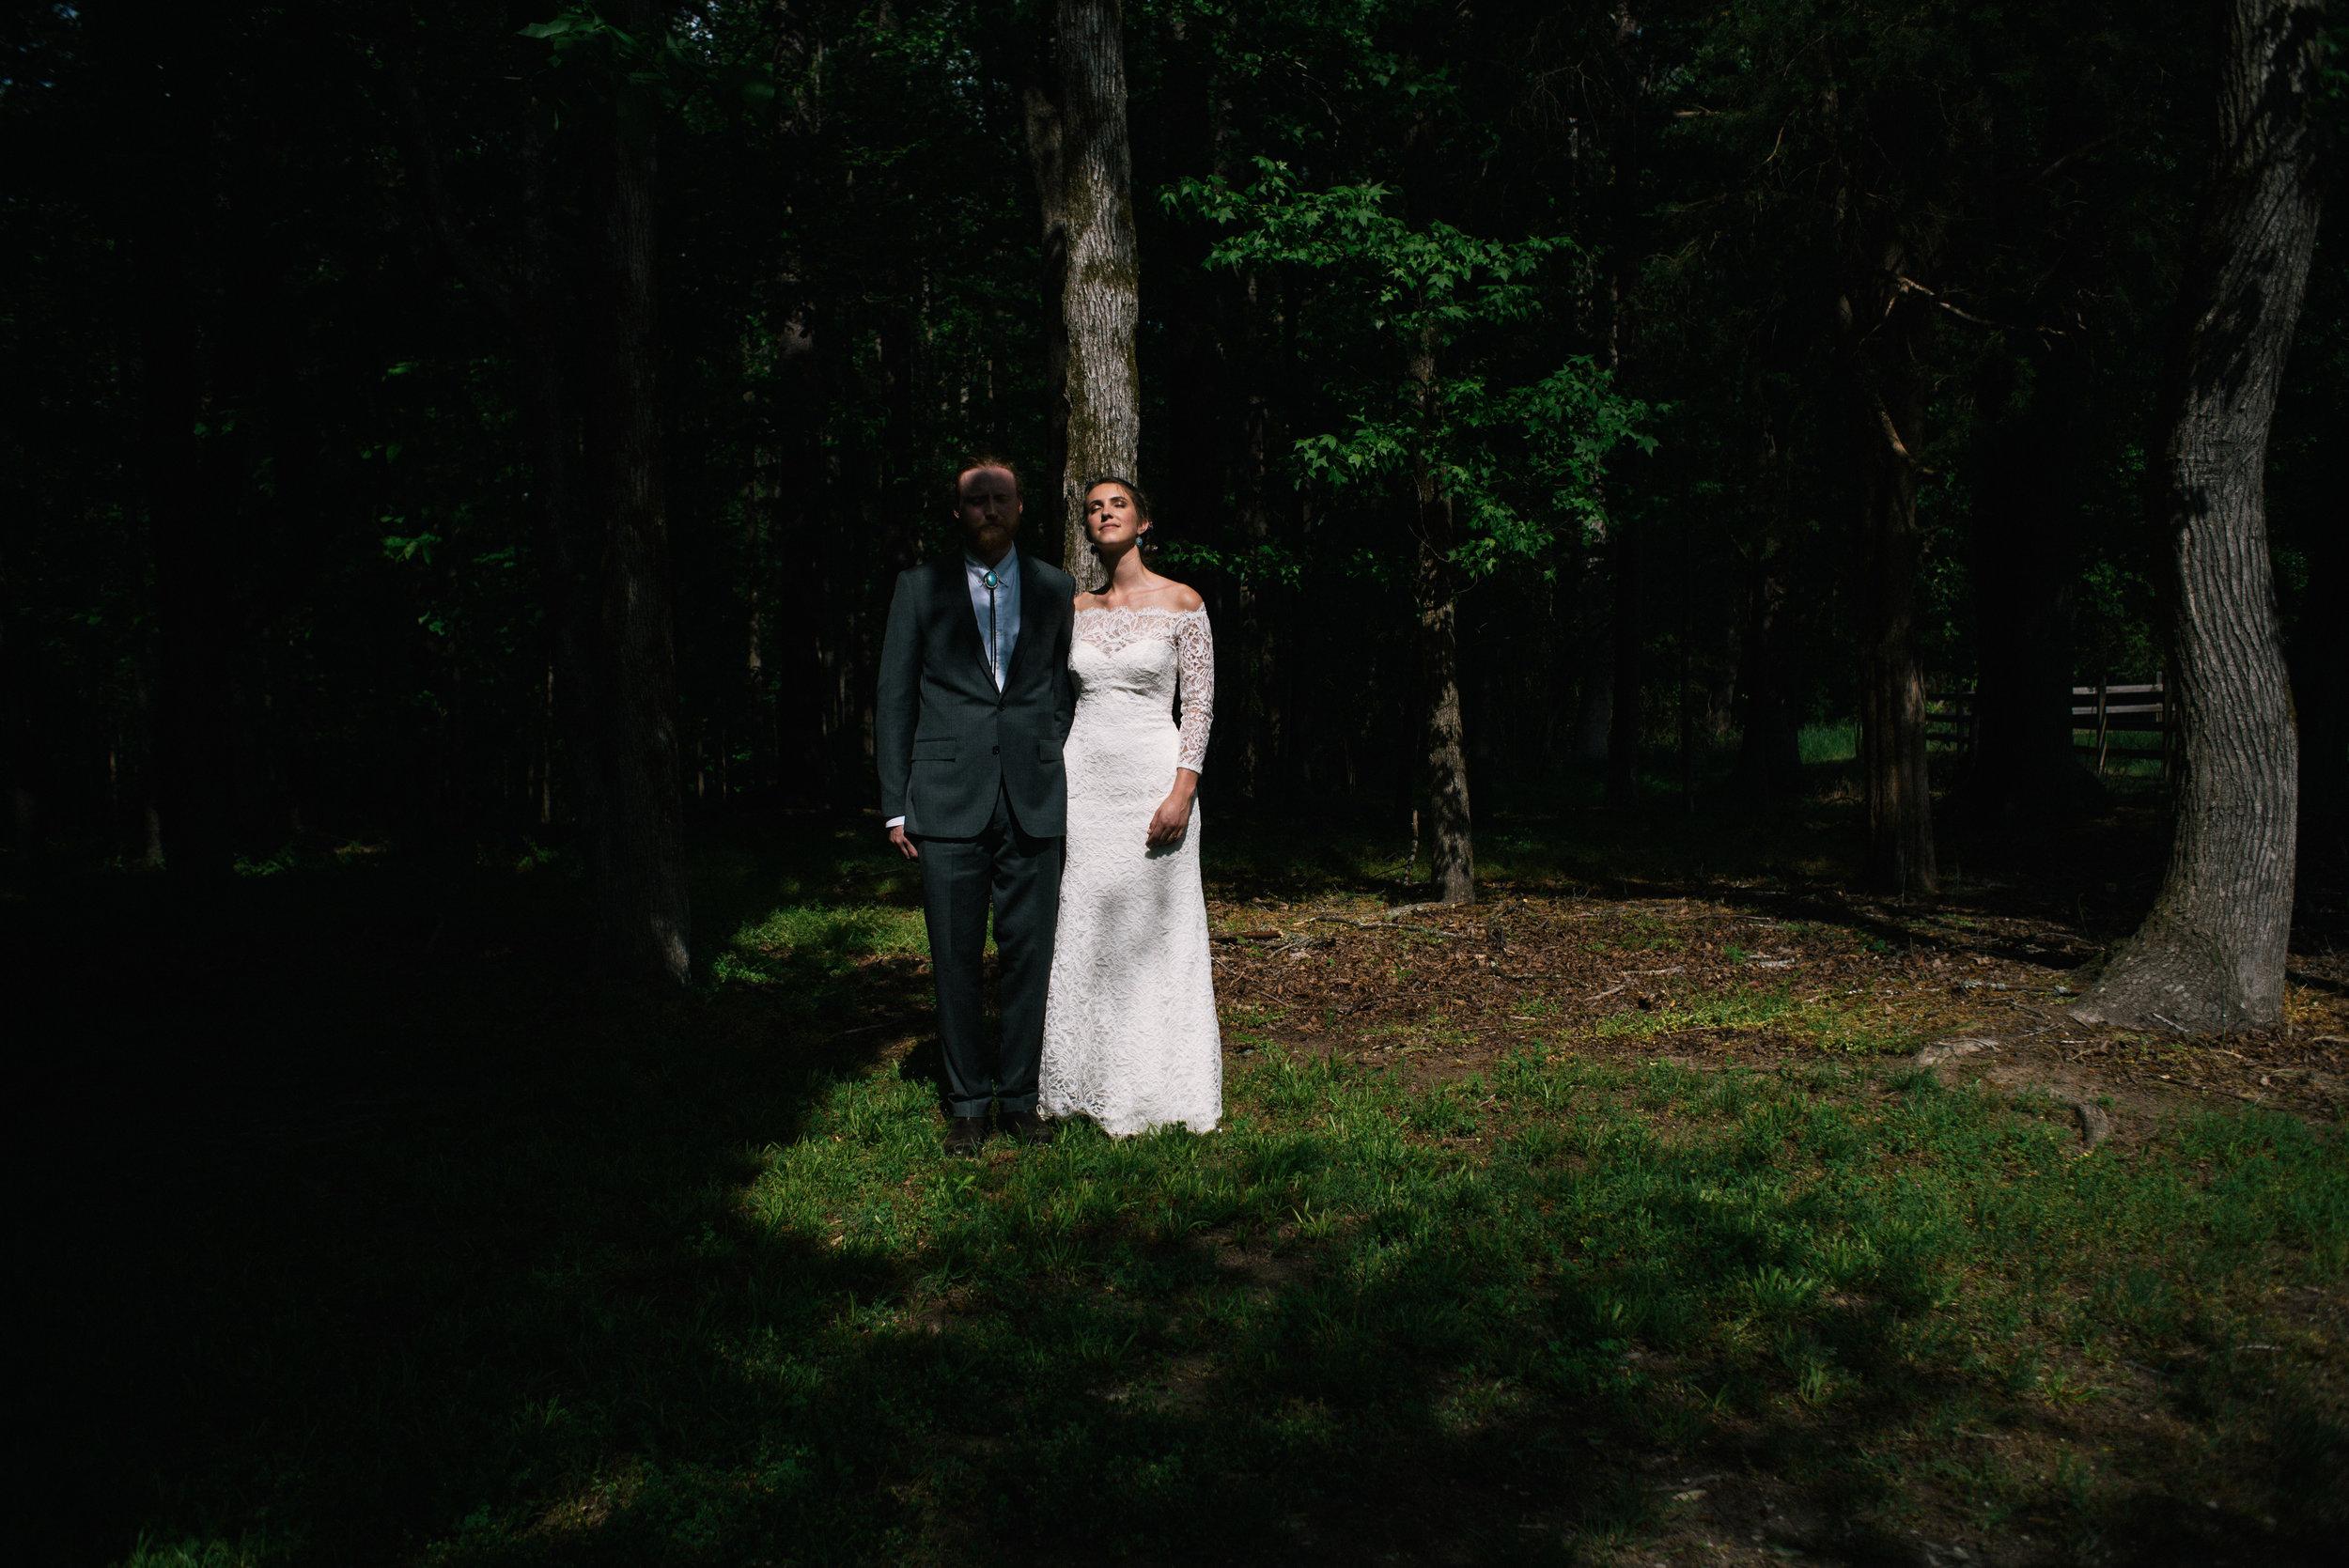 raleigh-elopement-photographer-raleigh-durham-wedding-maddie-and-devin- (45 of 162).jpg